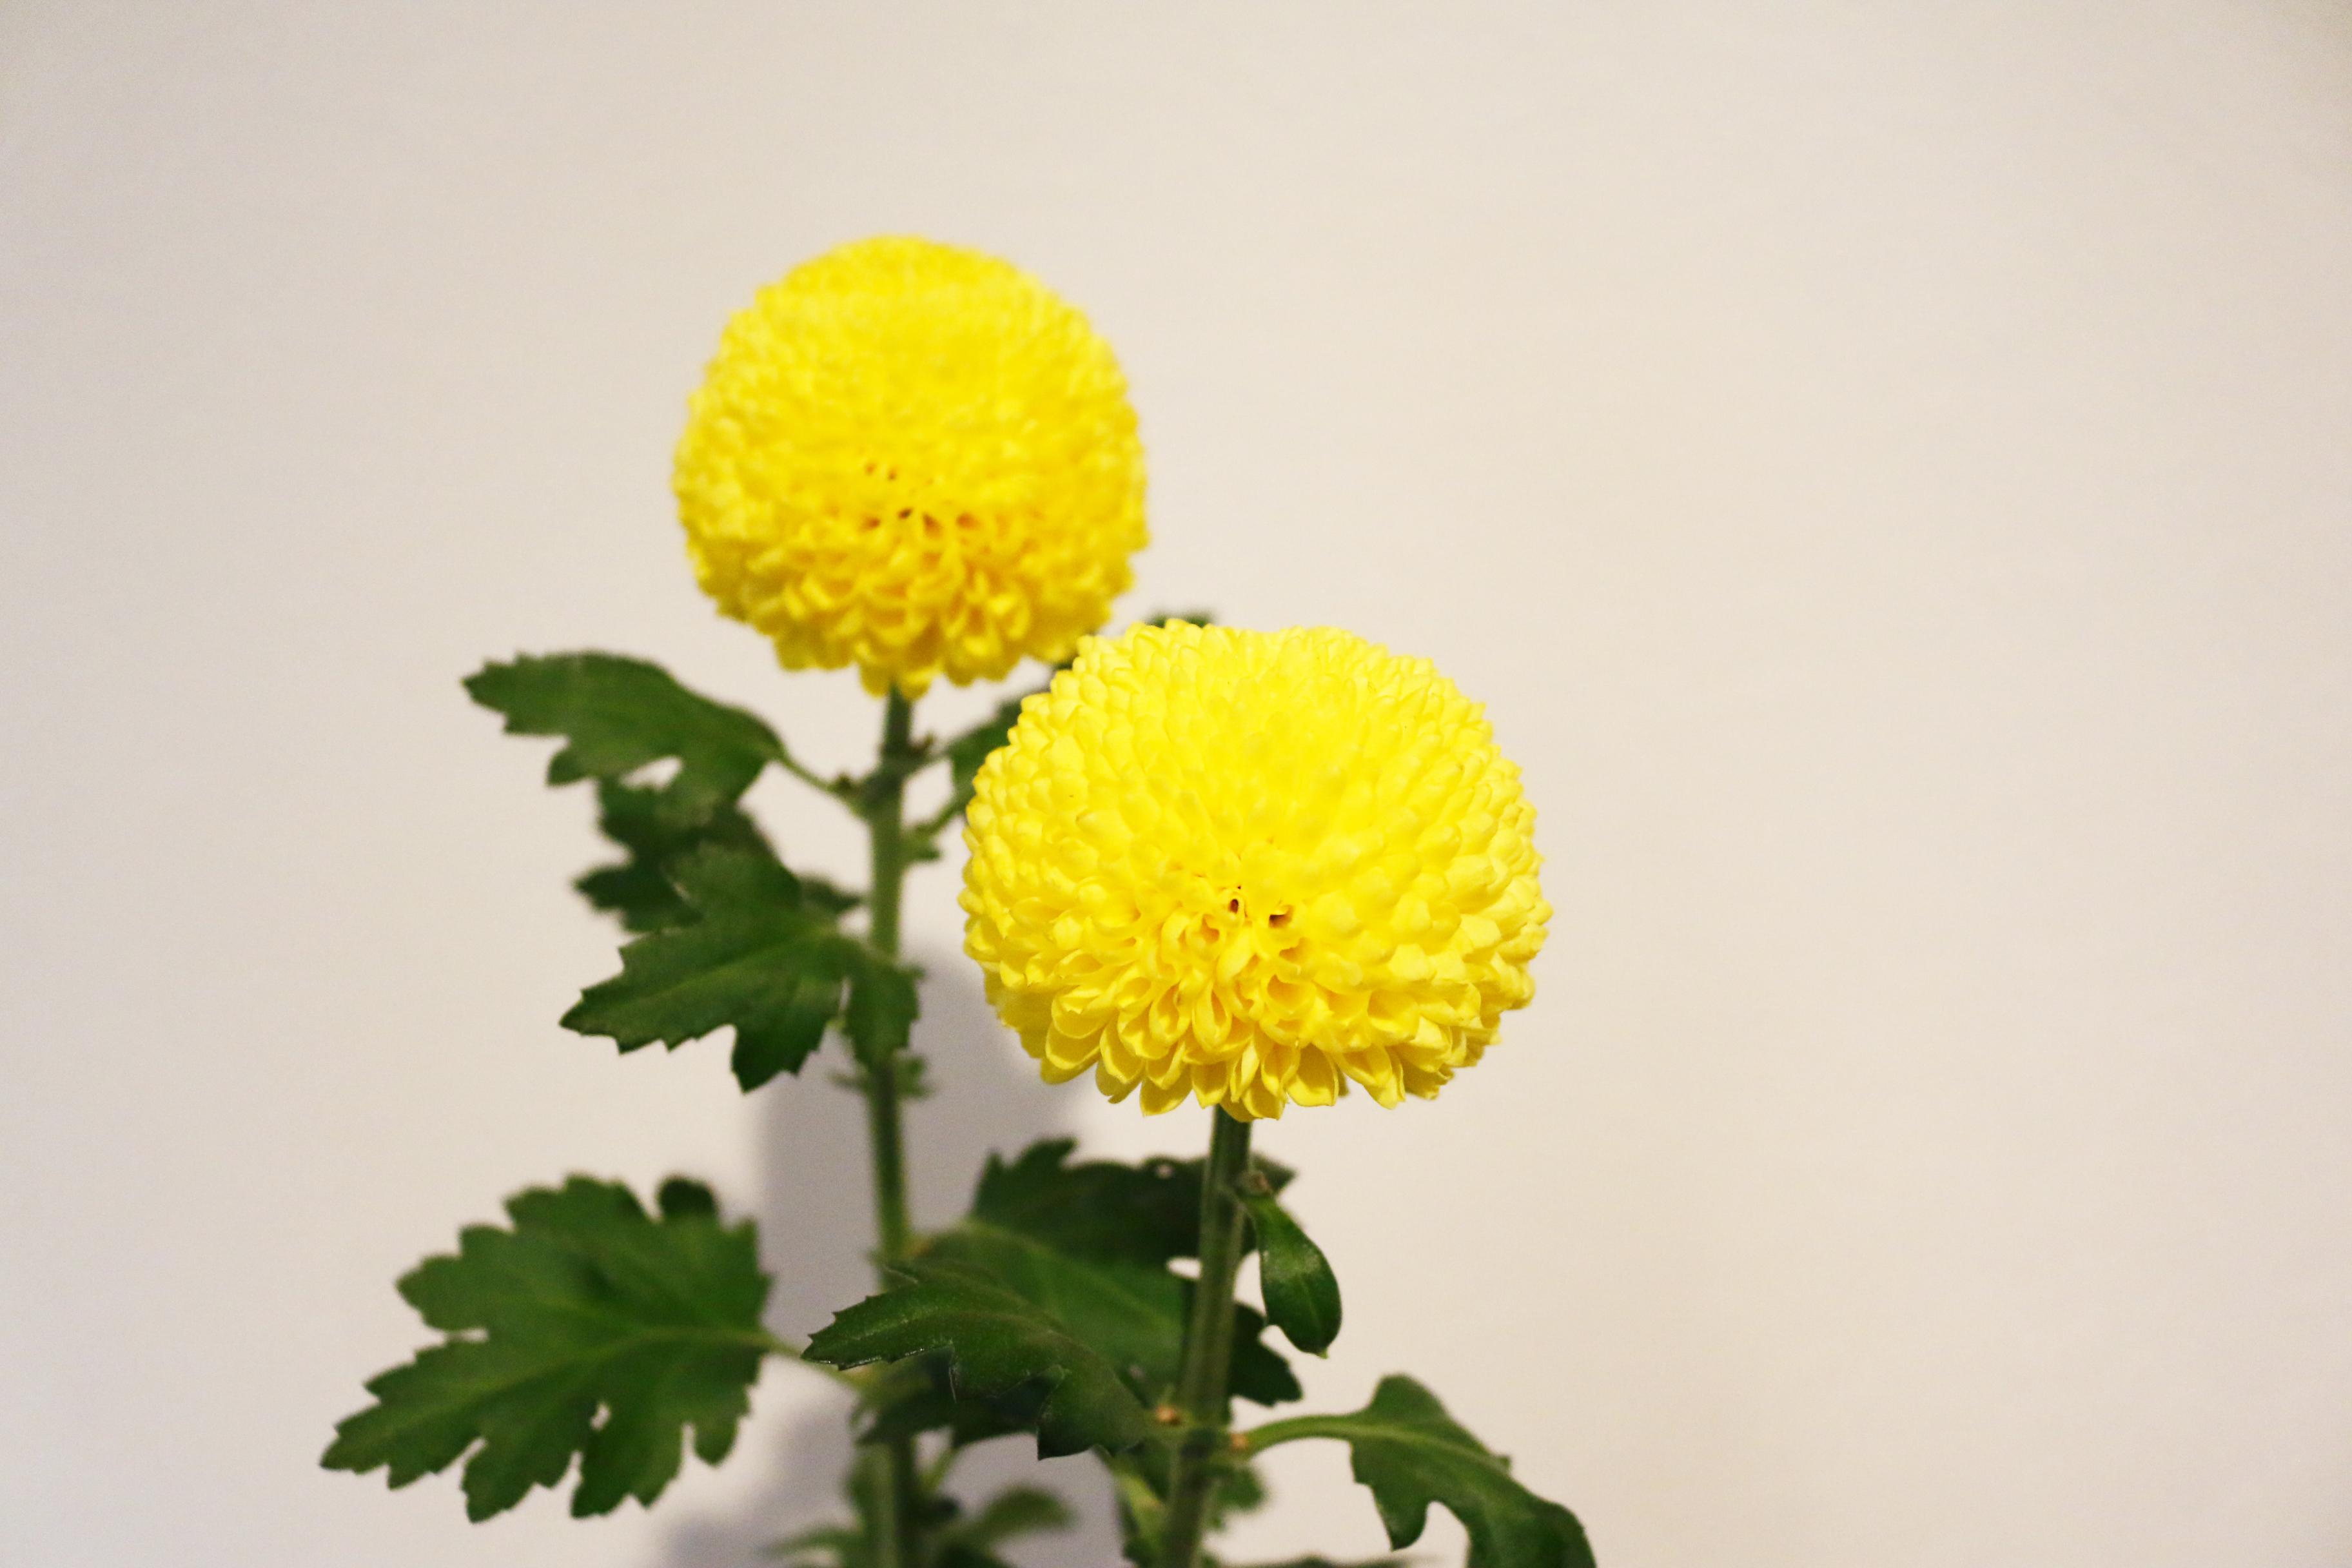 いろいろな菊が出回っています。明るい色のピンポンマムは暖かい雰囲気にさせてくれます。